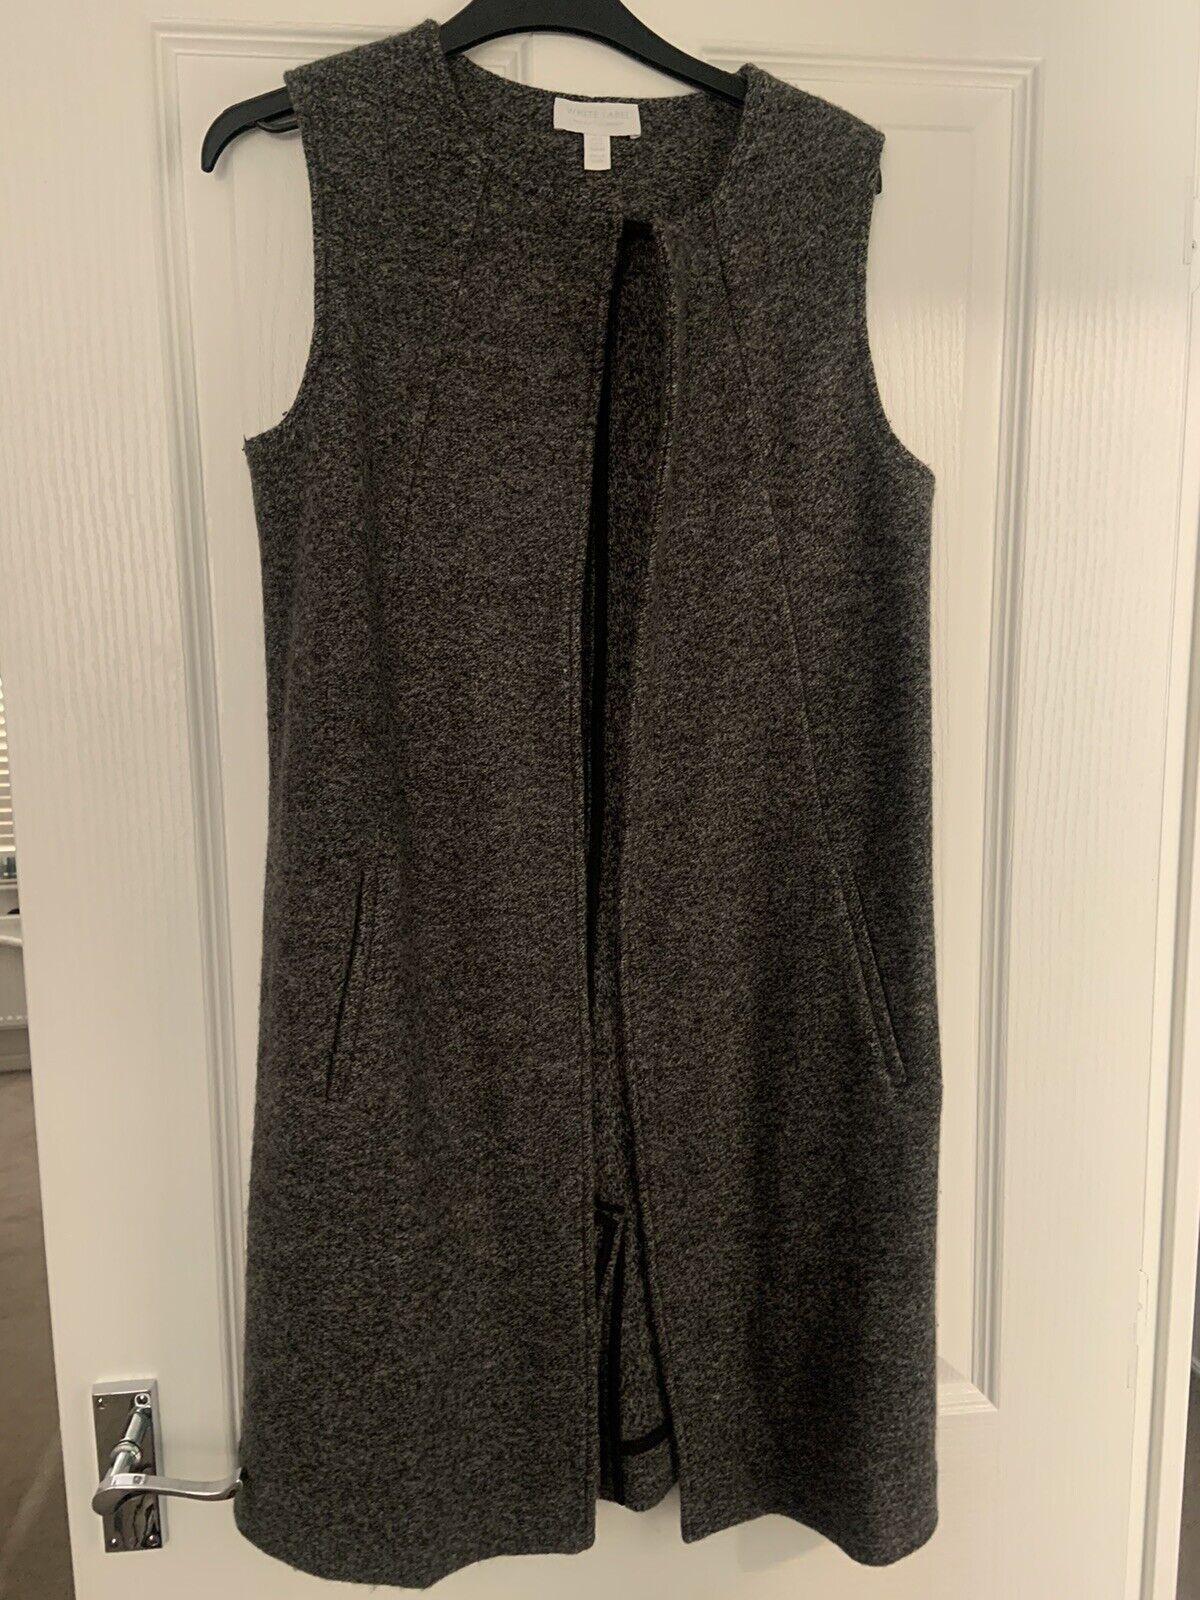 The White Company Charcoal 100% Wool Waistcoat Coatigan/waistcoat - UK Size 6/8